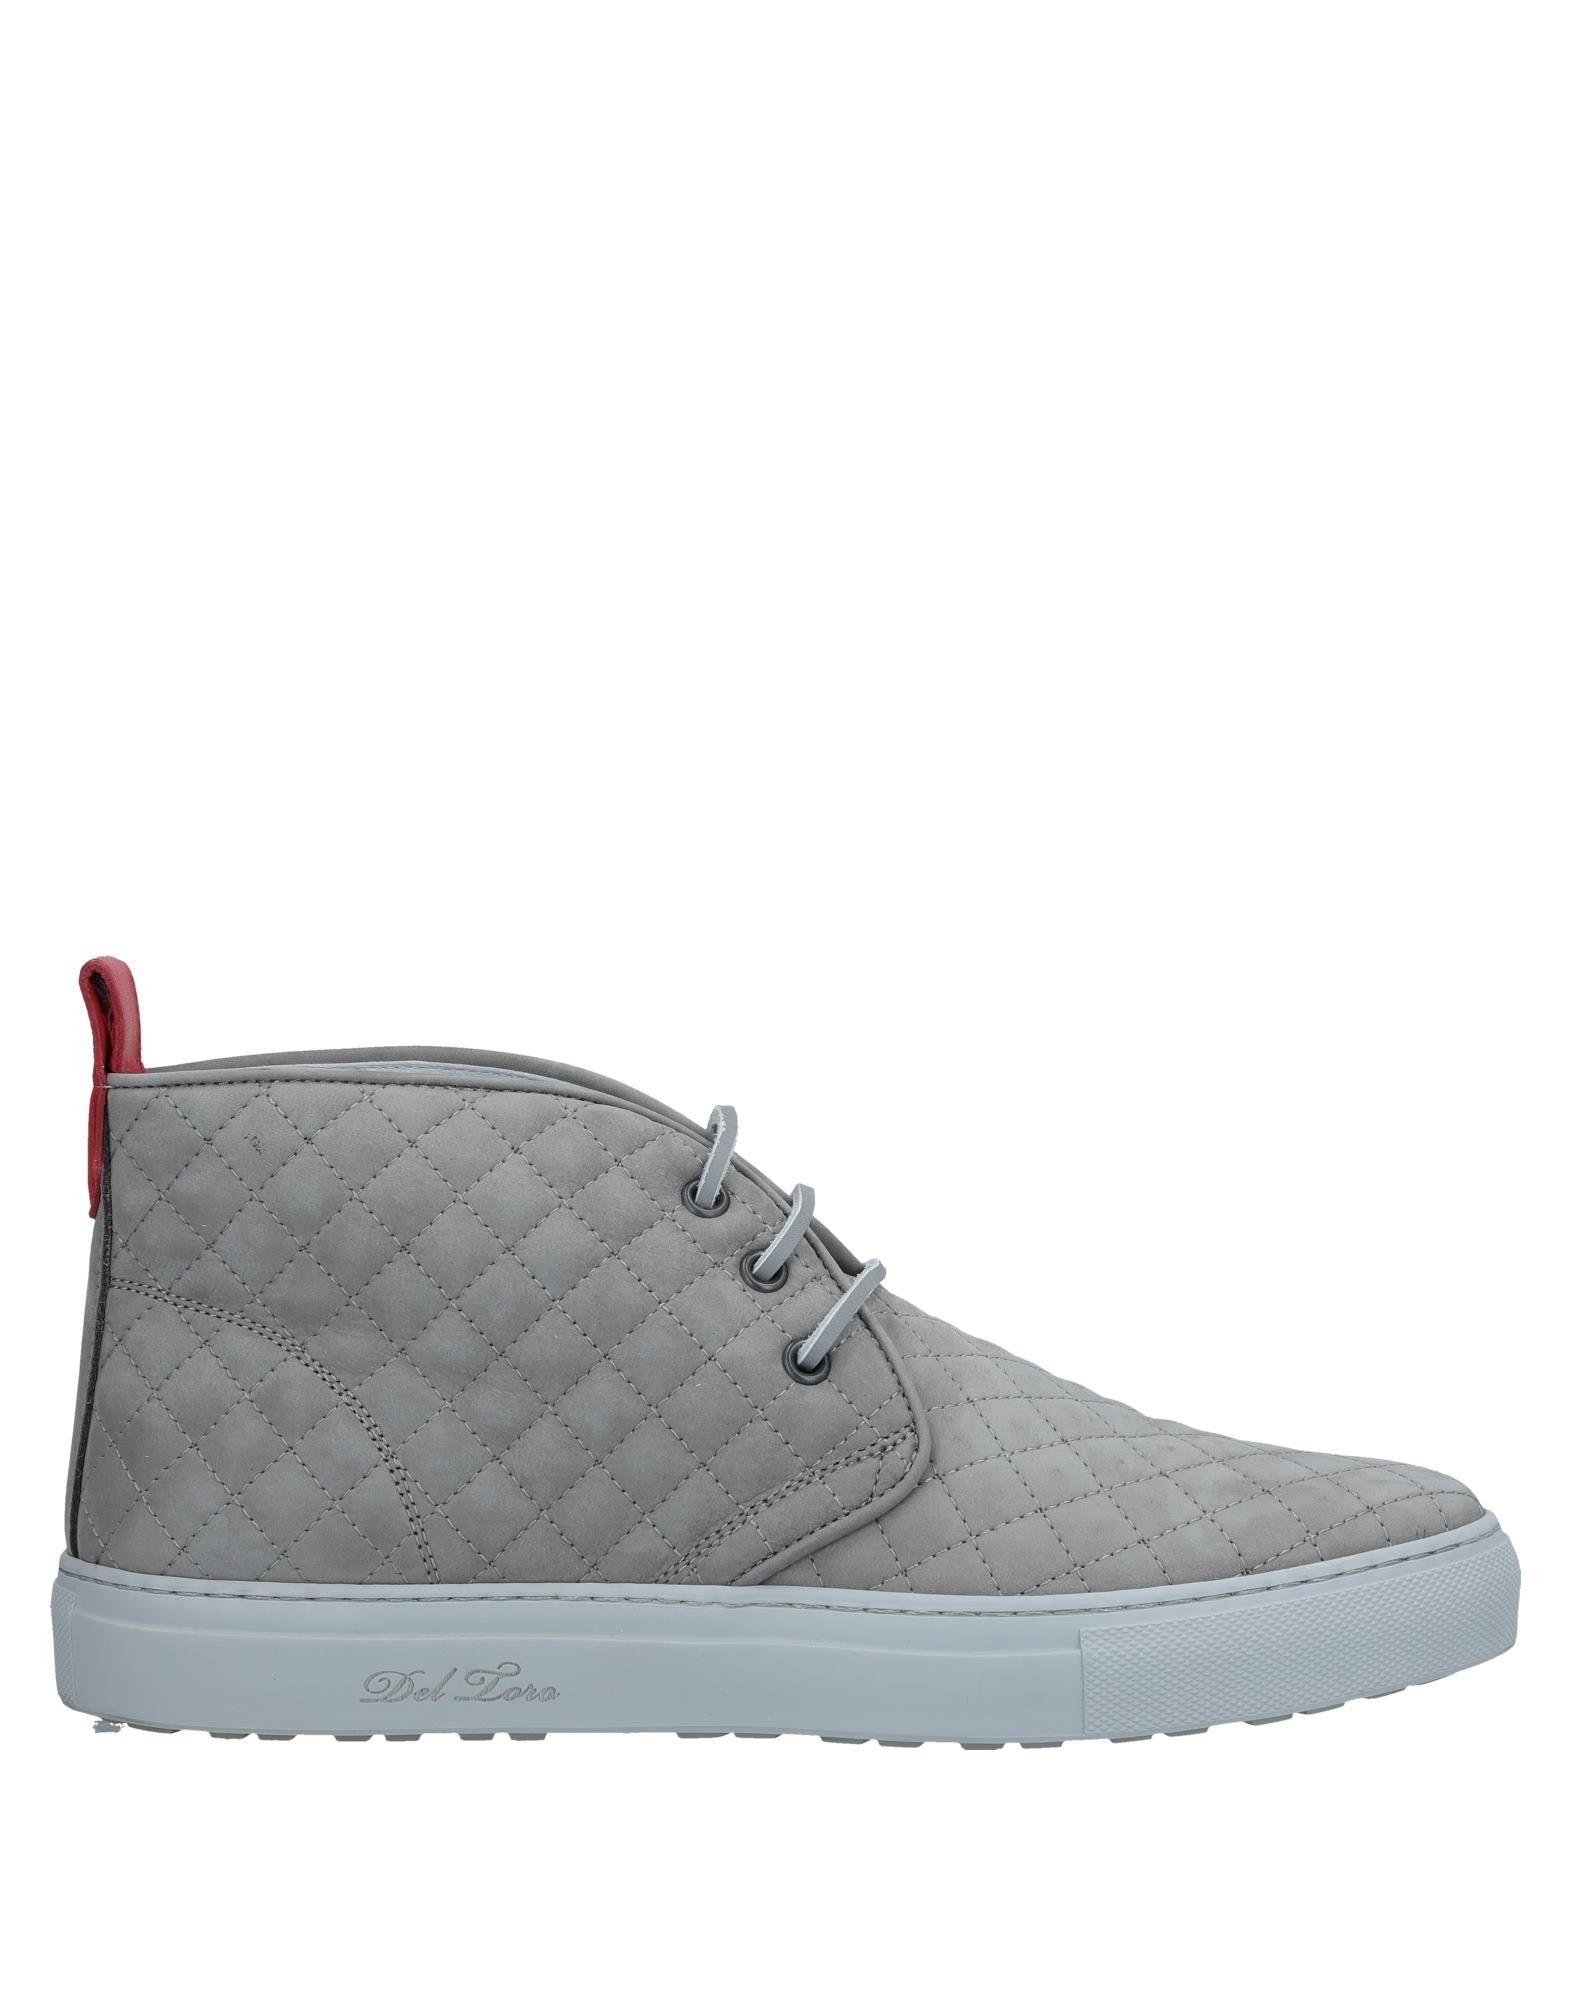 Del Toro Stiefelette Herren  11528453LW Gute Qualität beliebte Schuhe